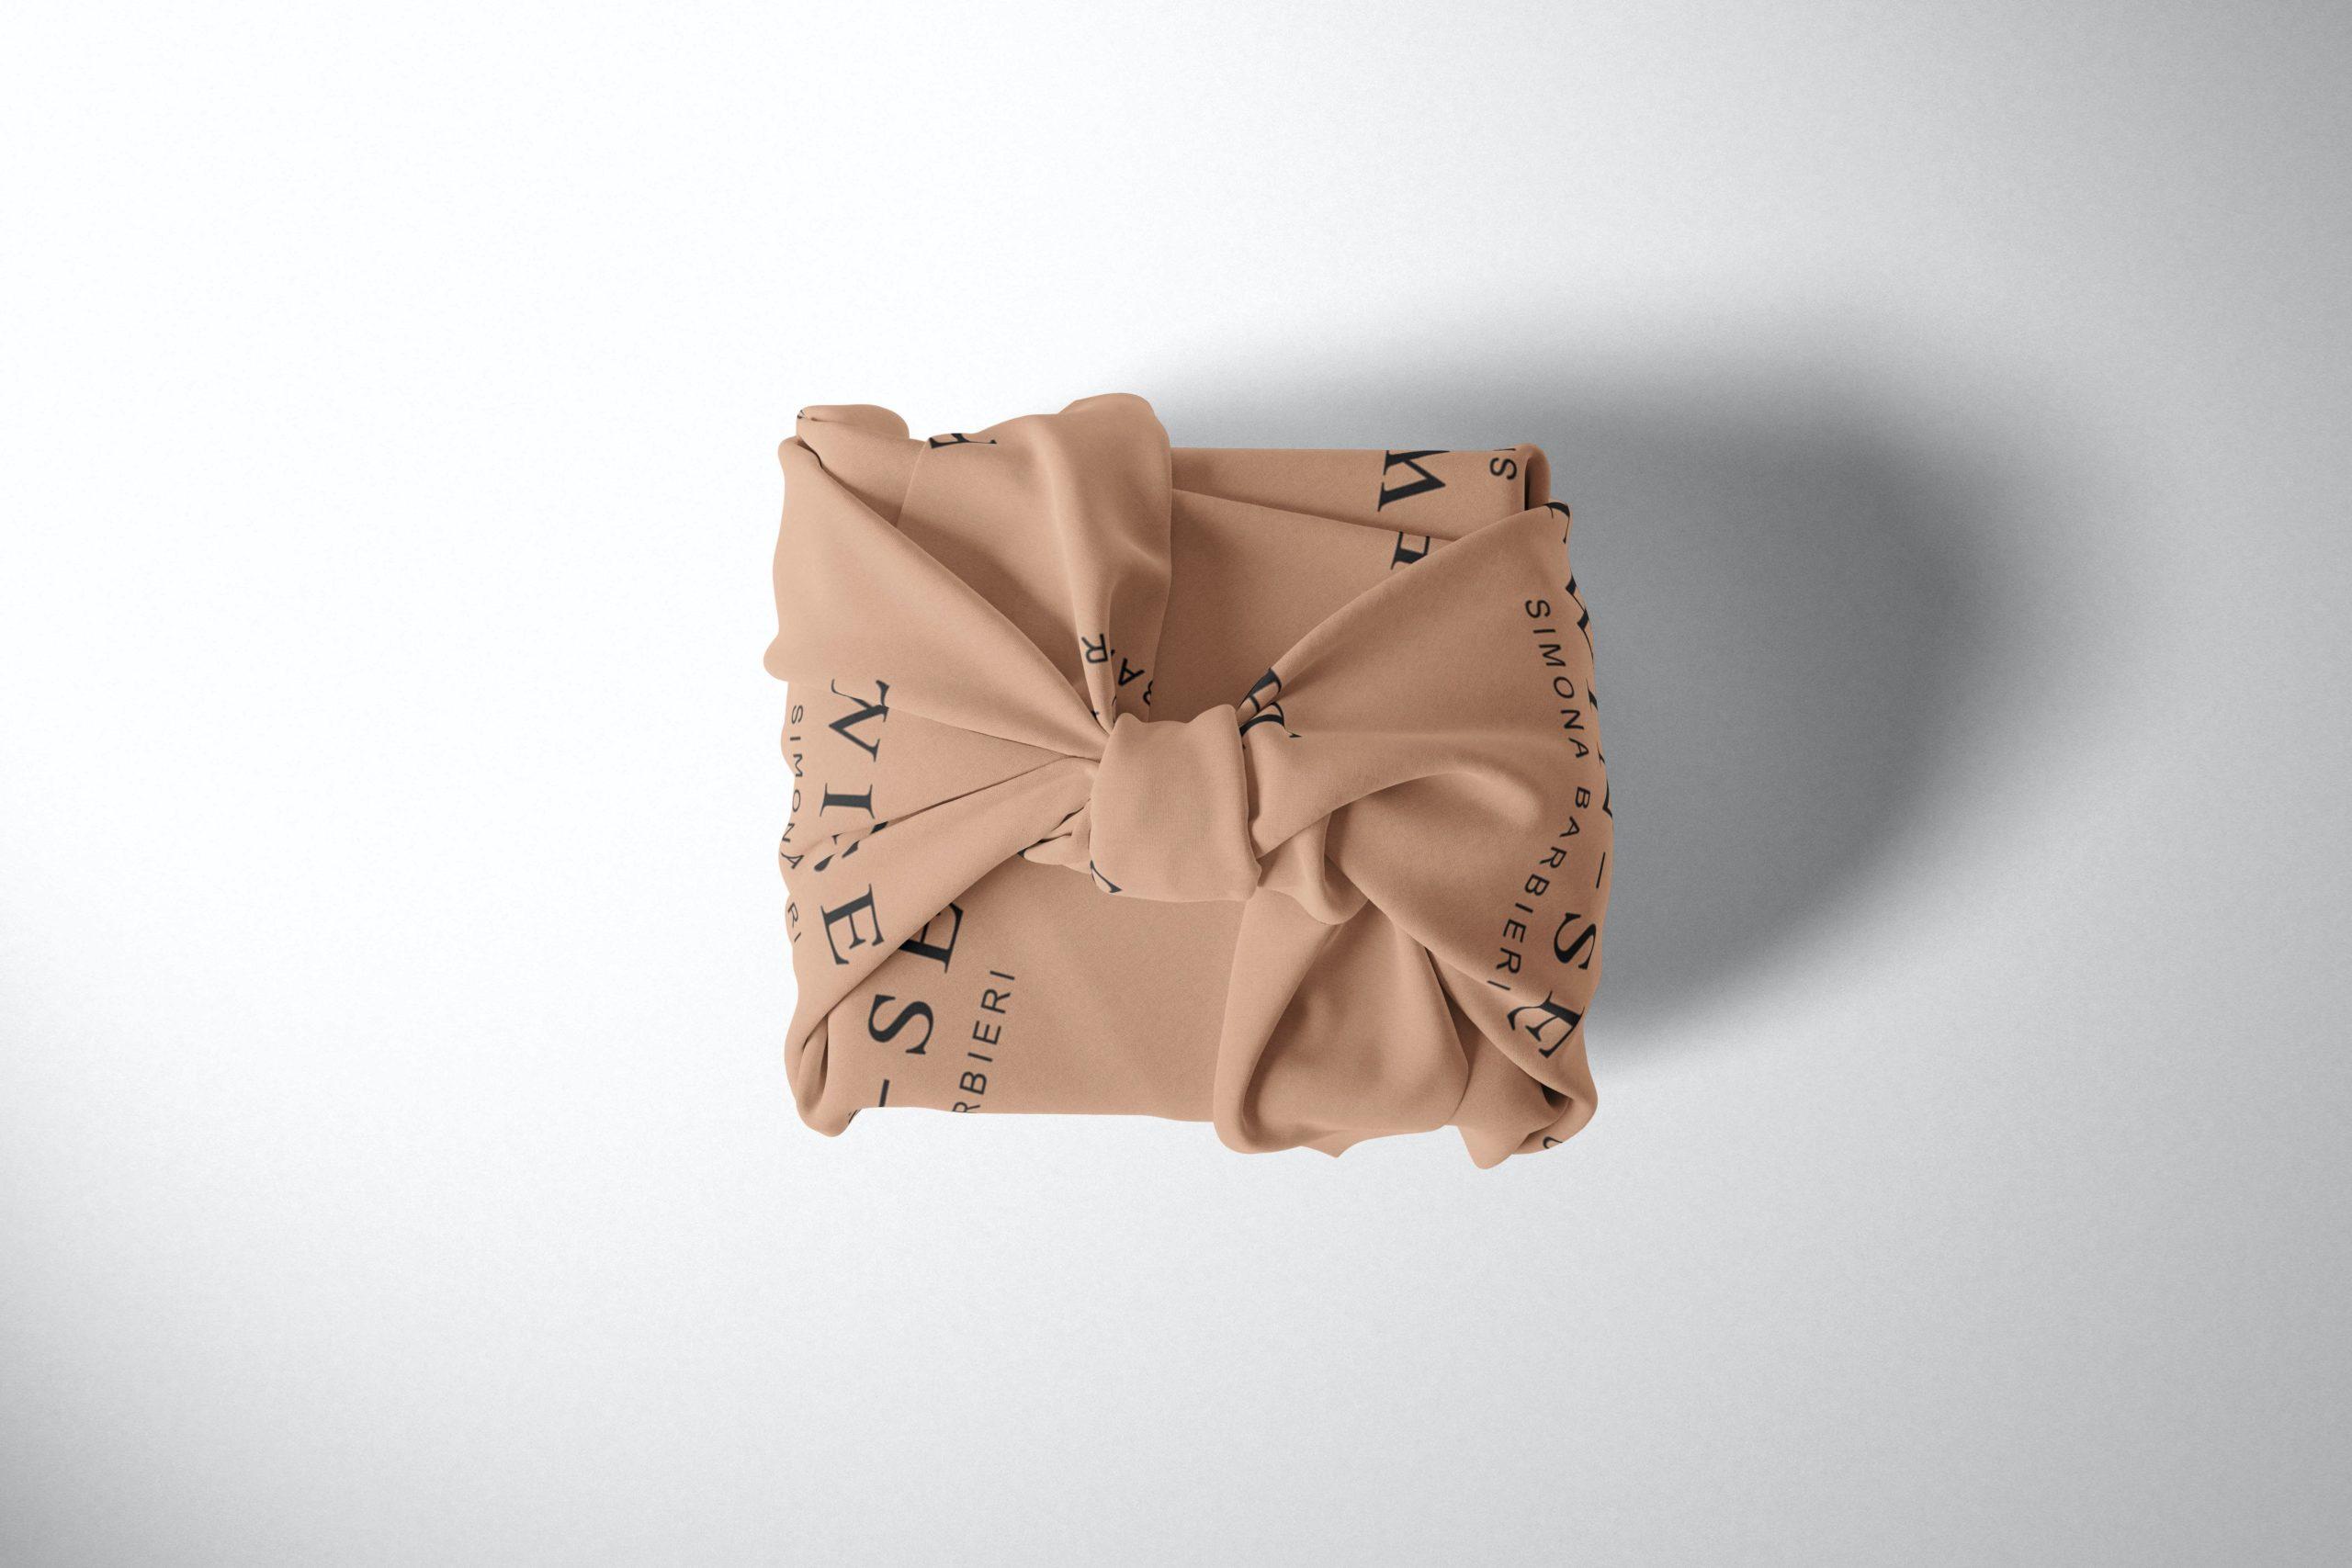 Furoshiki bedrukken met logo ABC Pack Solutions leverancier van promotionele en commerciële verpakkingen